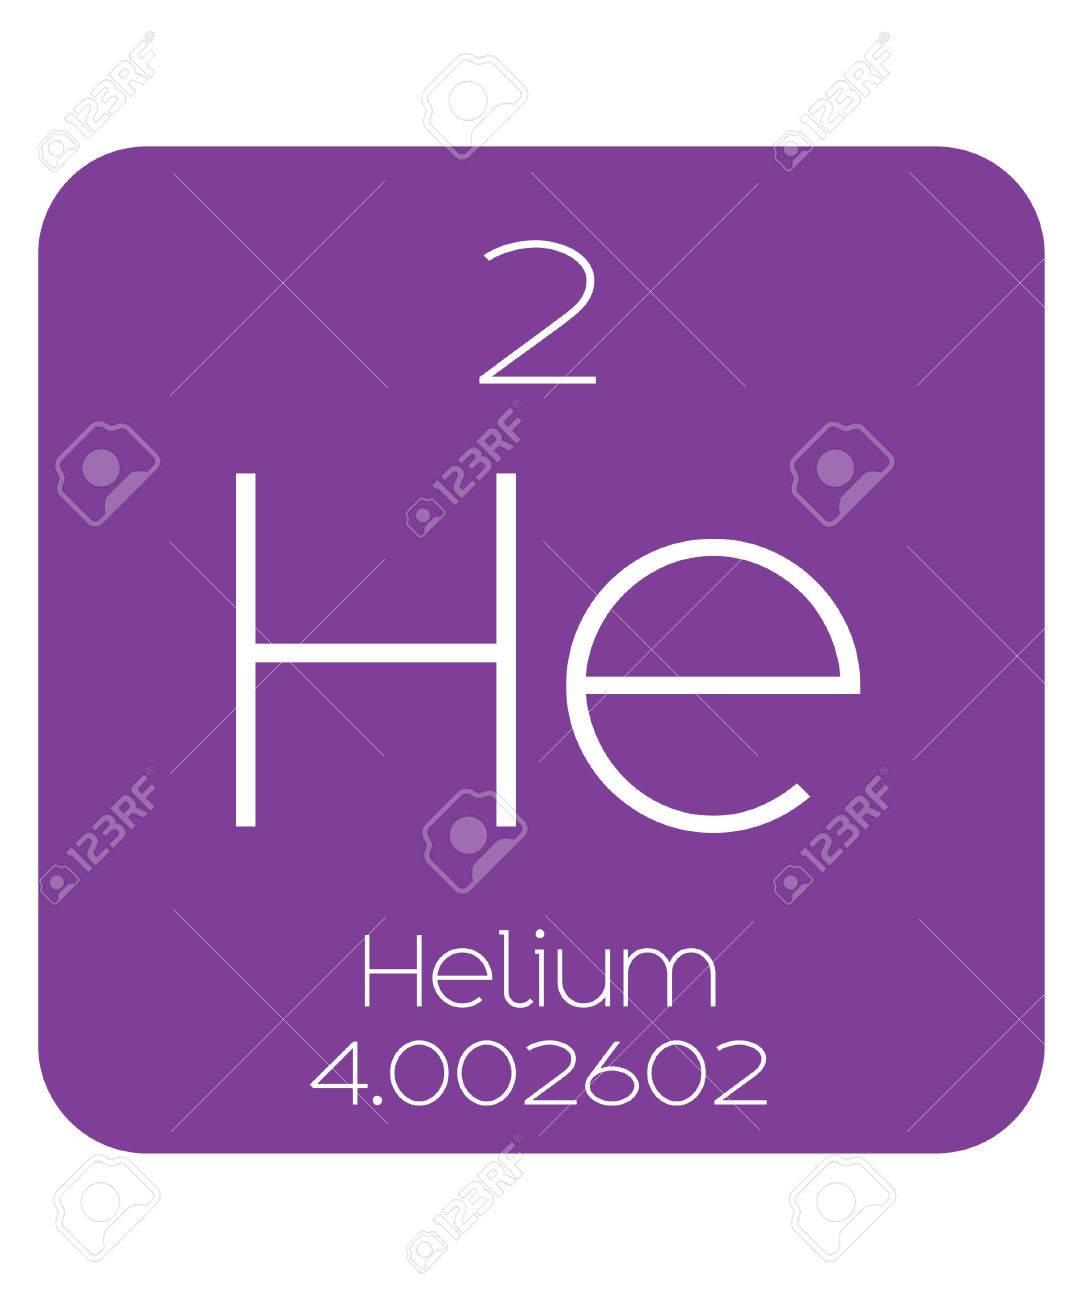 La tabla peridica de los elementos de helio fotos retratos foto de archivo la tabla peridica de los elementos de helio urtaz Gallery